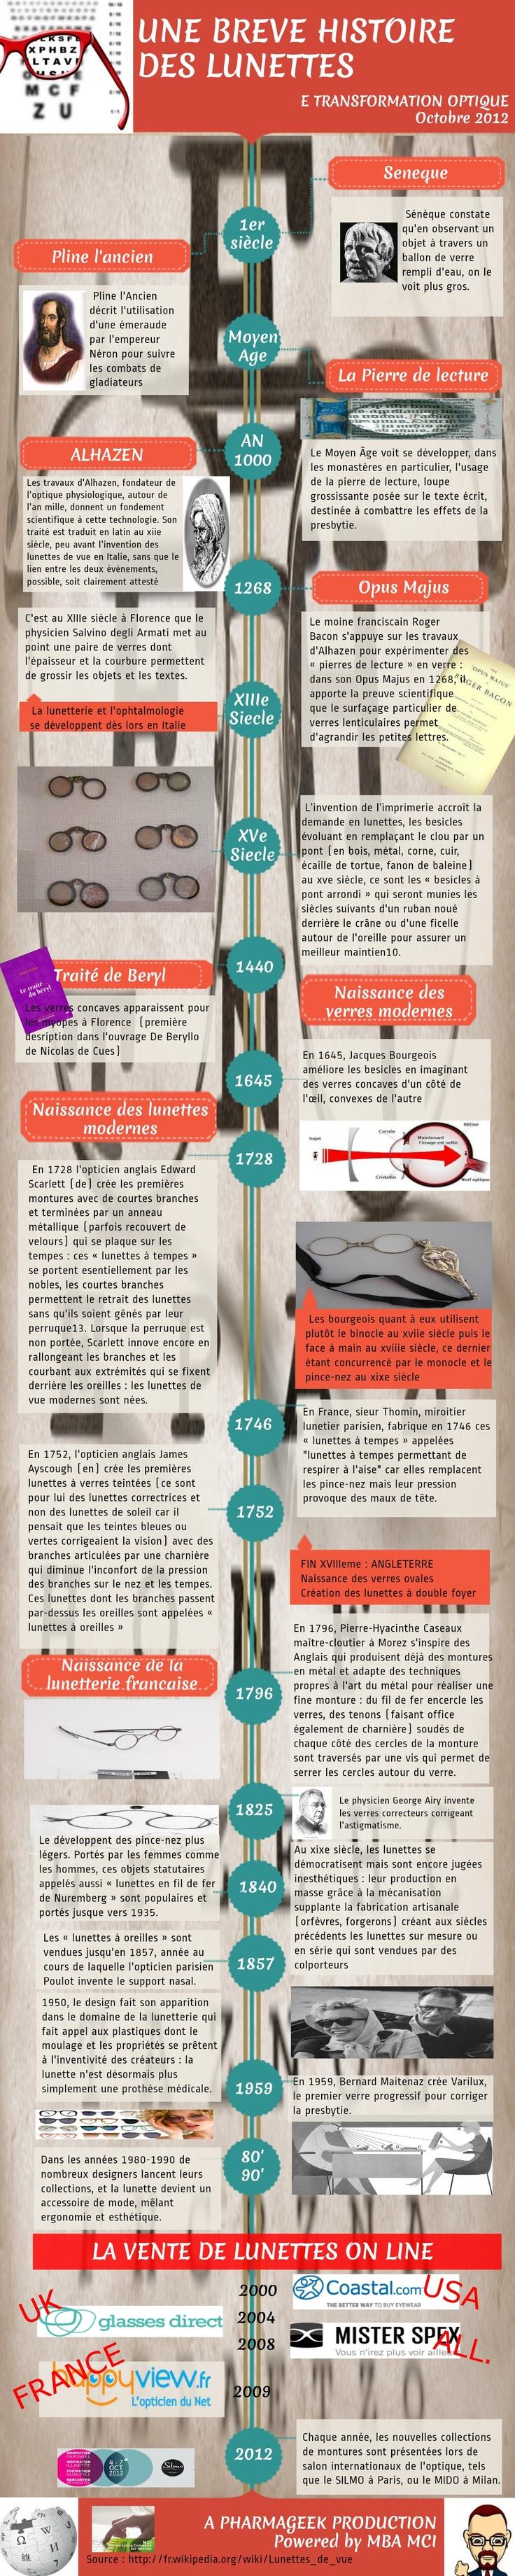 Une infographie sur l'histoire des lunettes #etransfoptique #mbamci | E TRANSFORMATION OPTIQUE